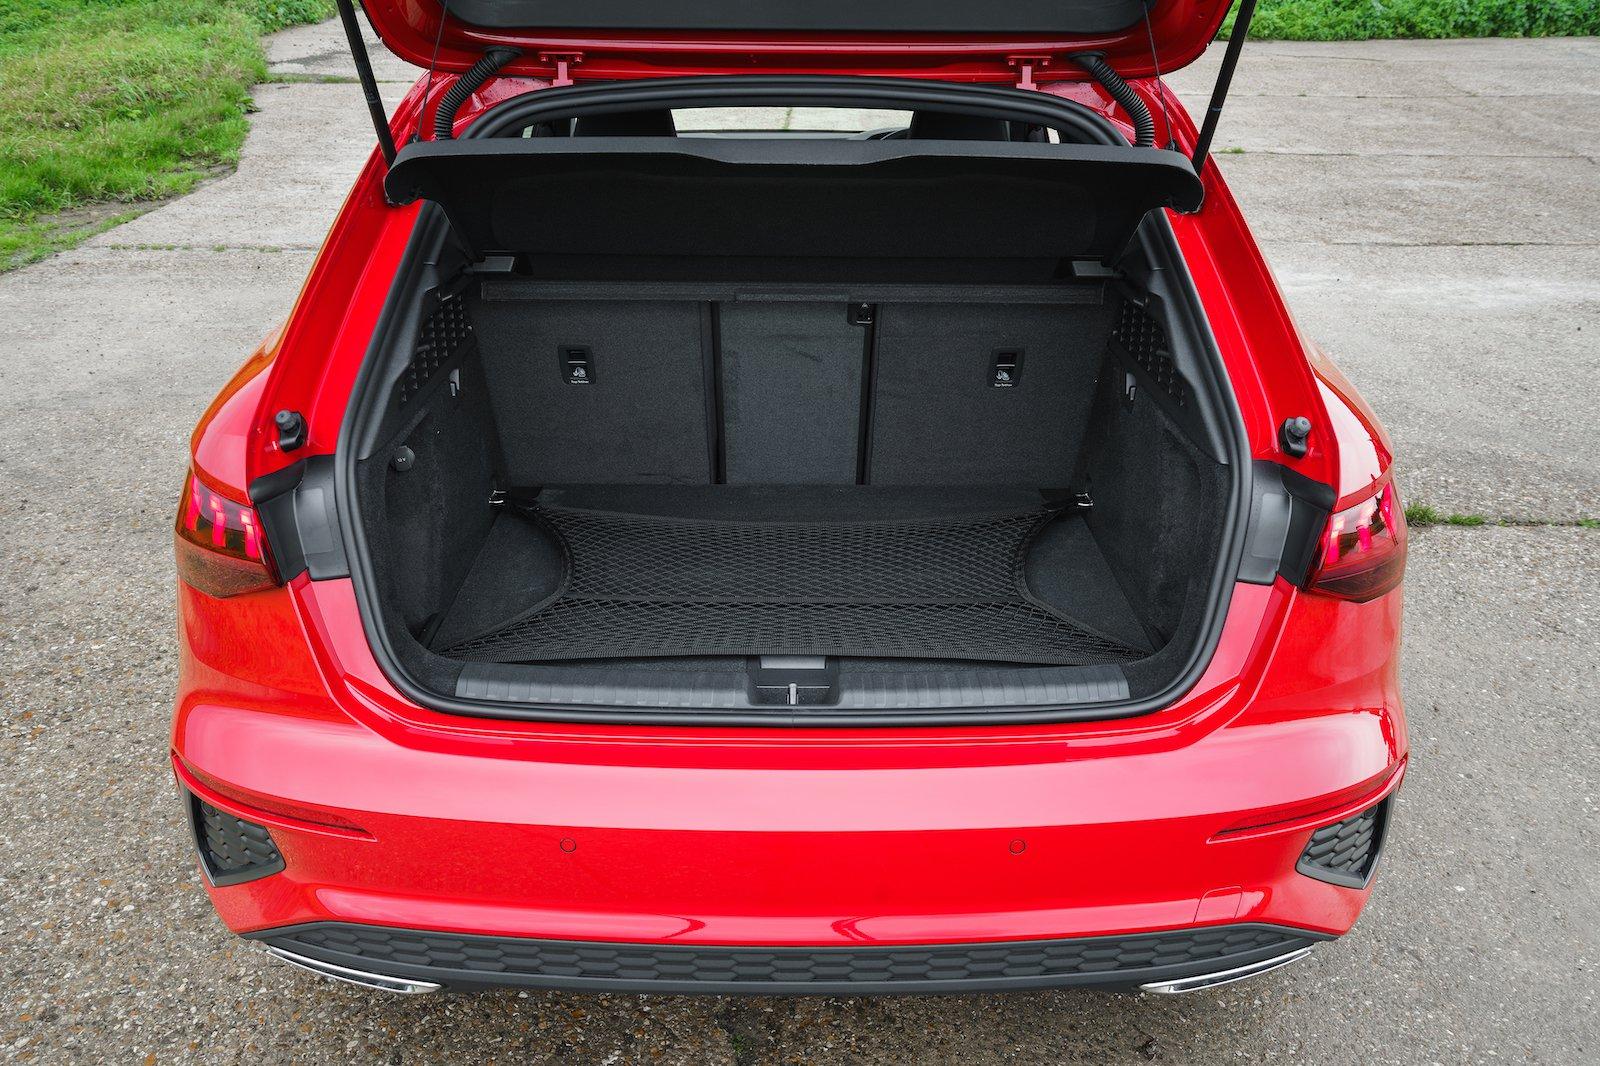 2021 Audi A3 40 TFSIe boot